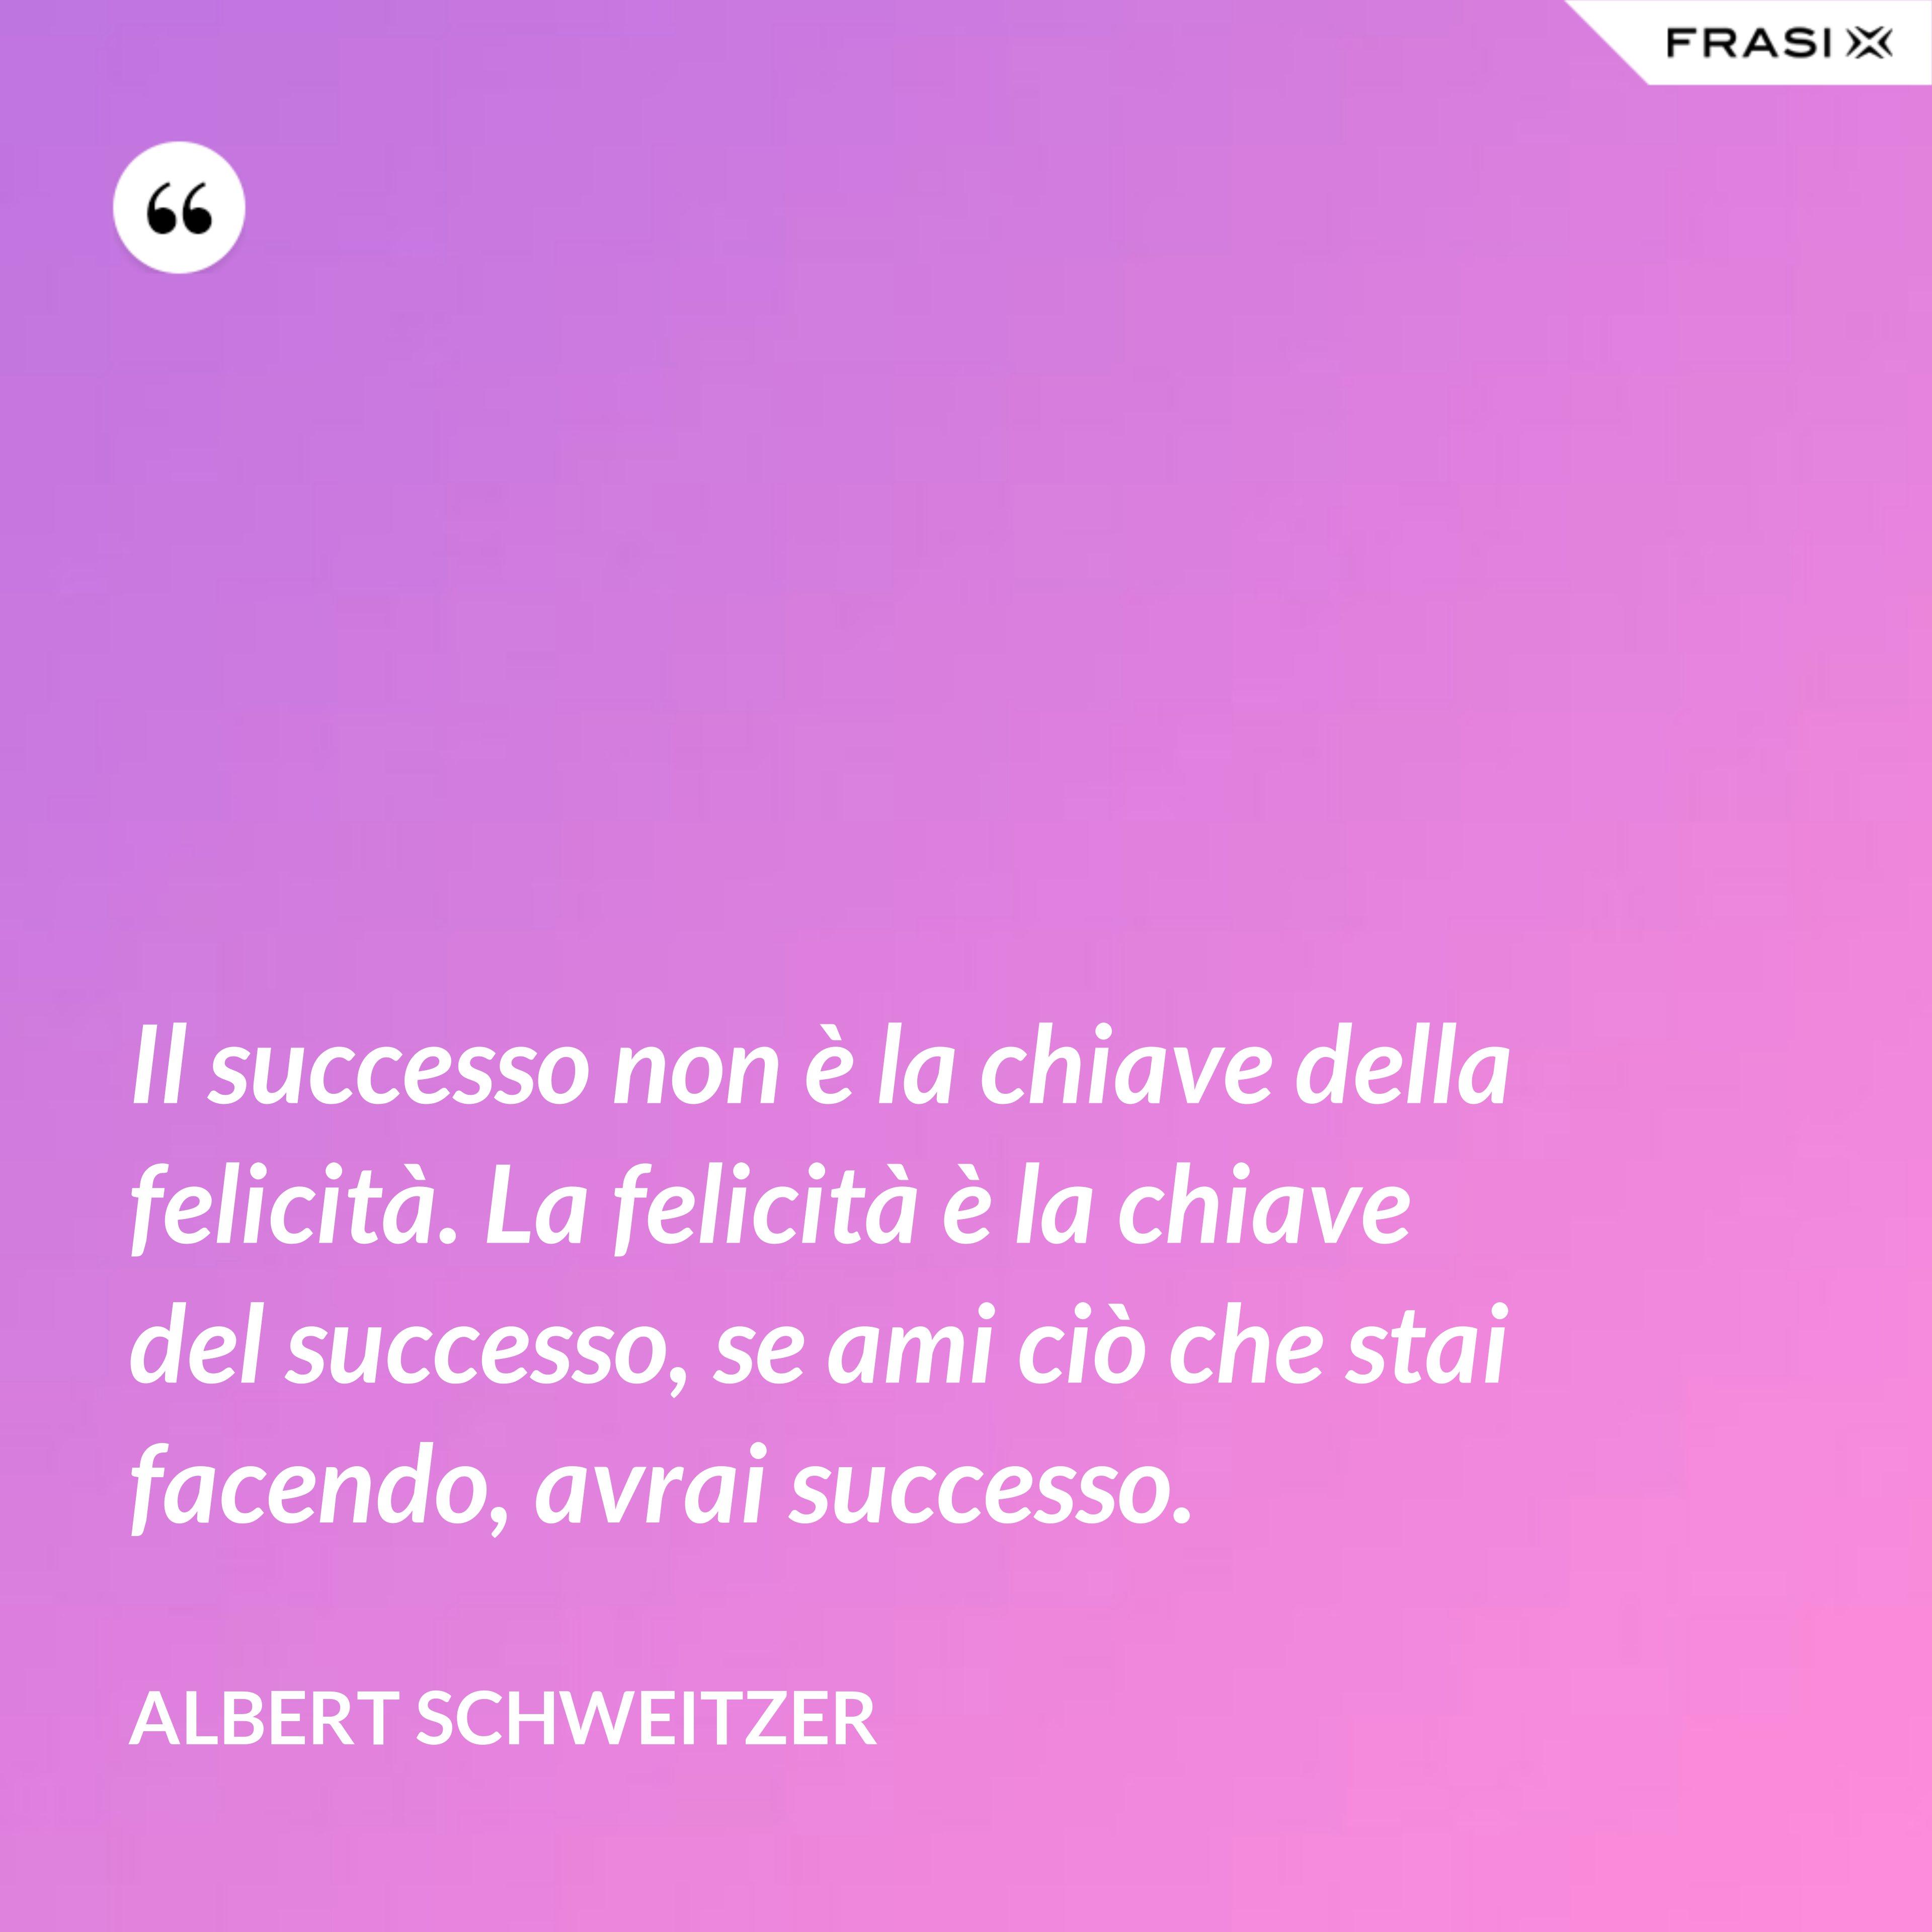 Il successo non è la chiave della felicità. La felicità è la chiave del successo, se ami ciò che stai facendo, avrai successo. - Albert Schweitzer